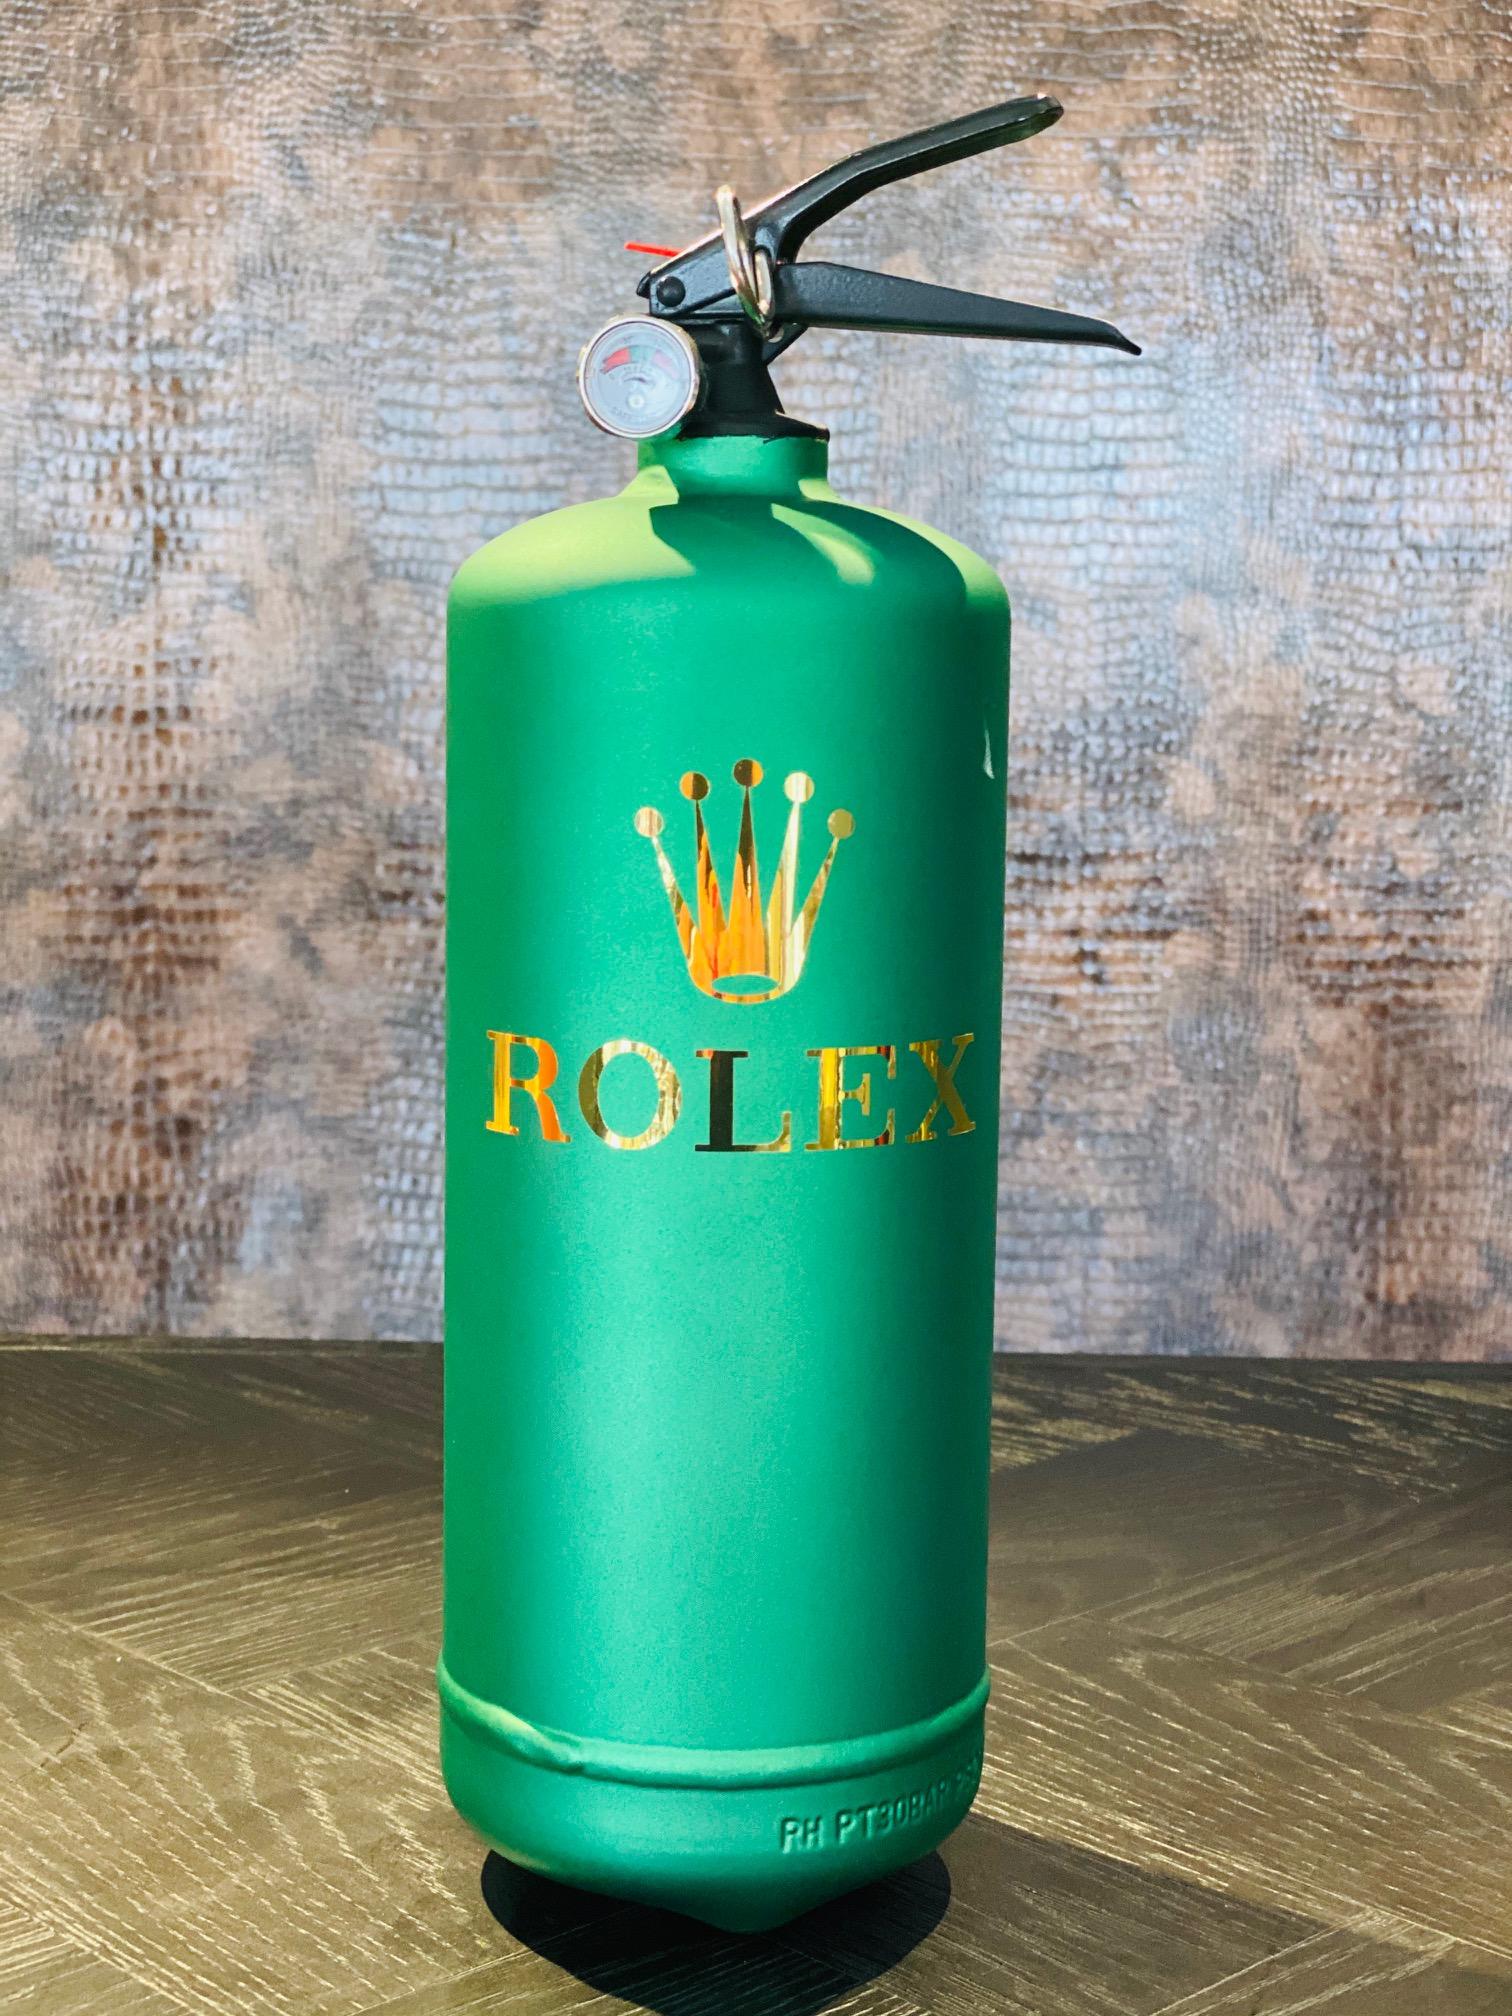 Ghost art Rolex Extinguisher